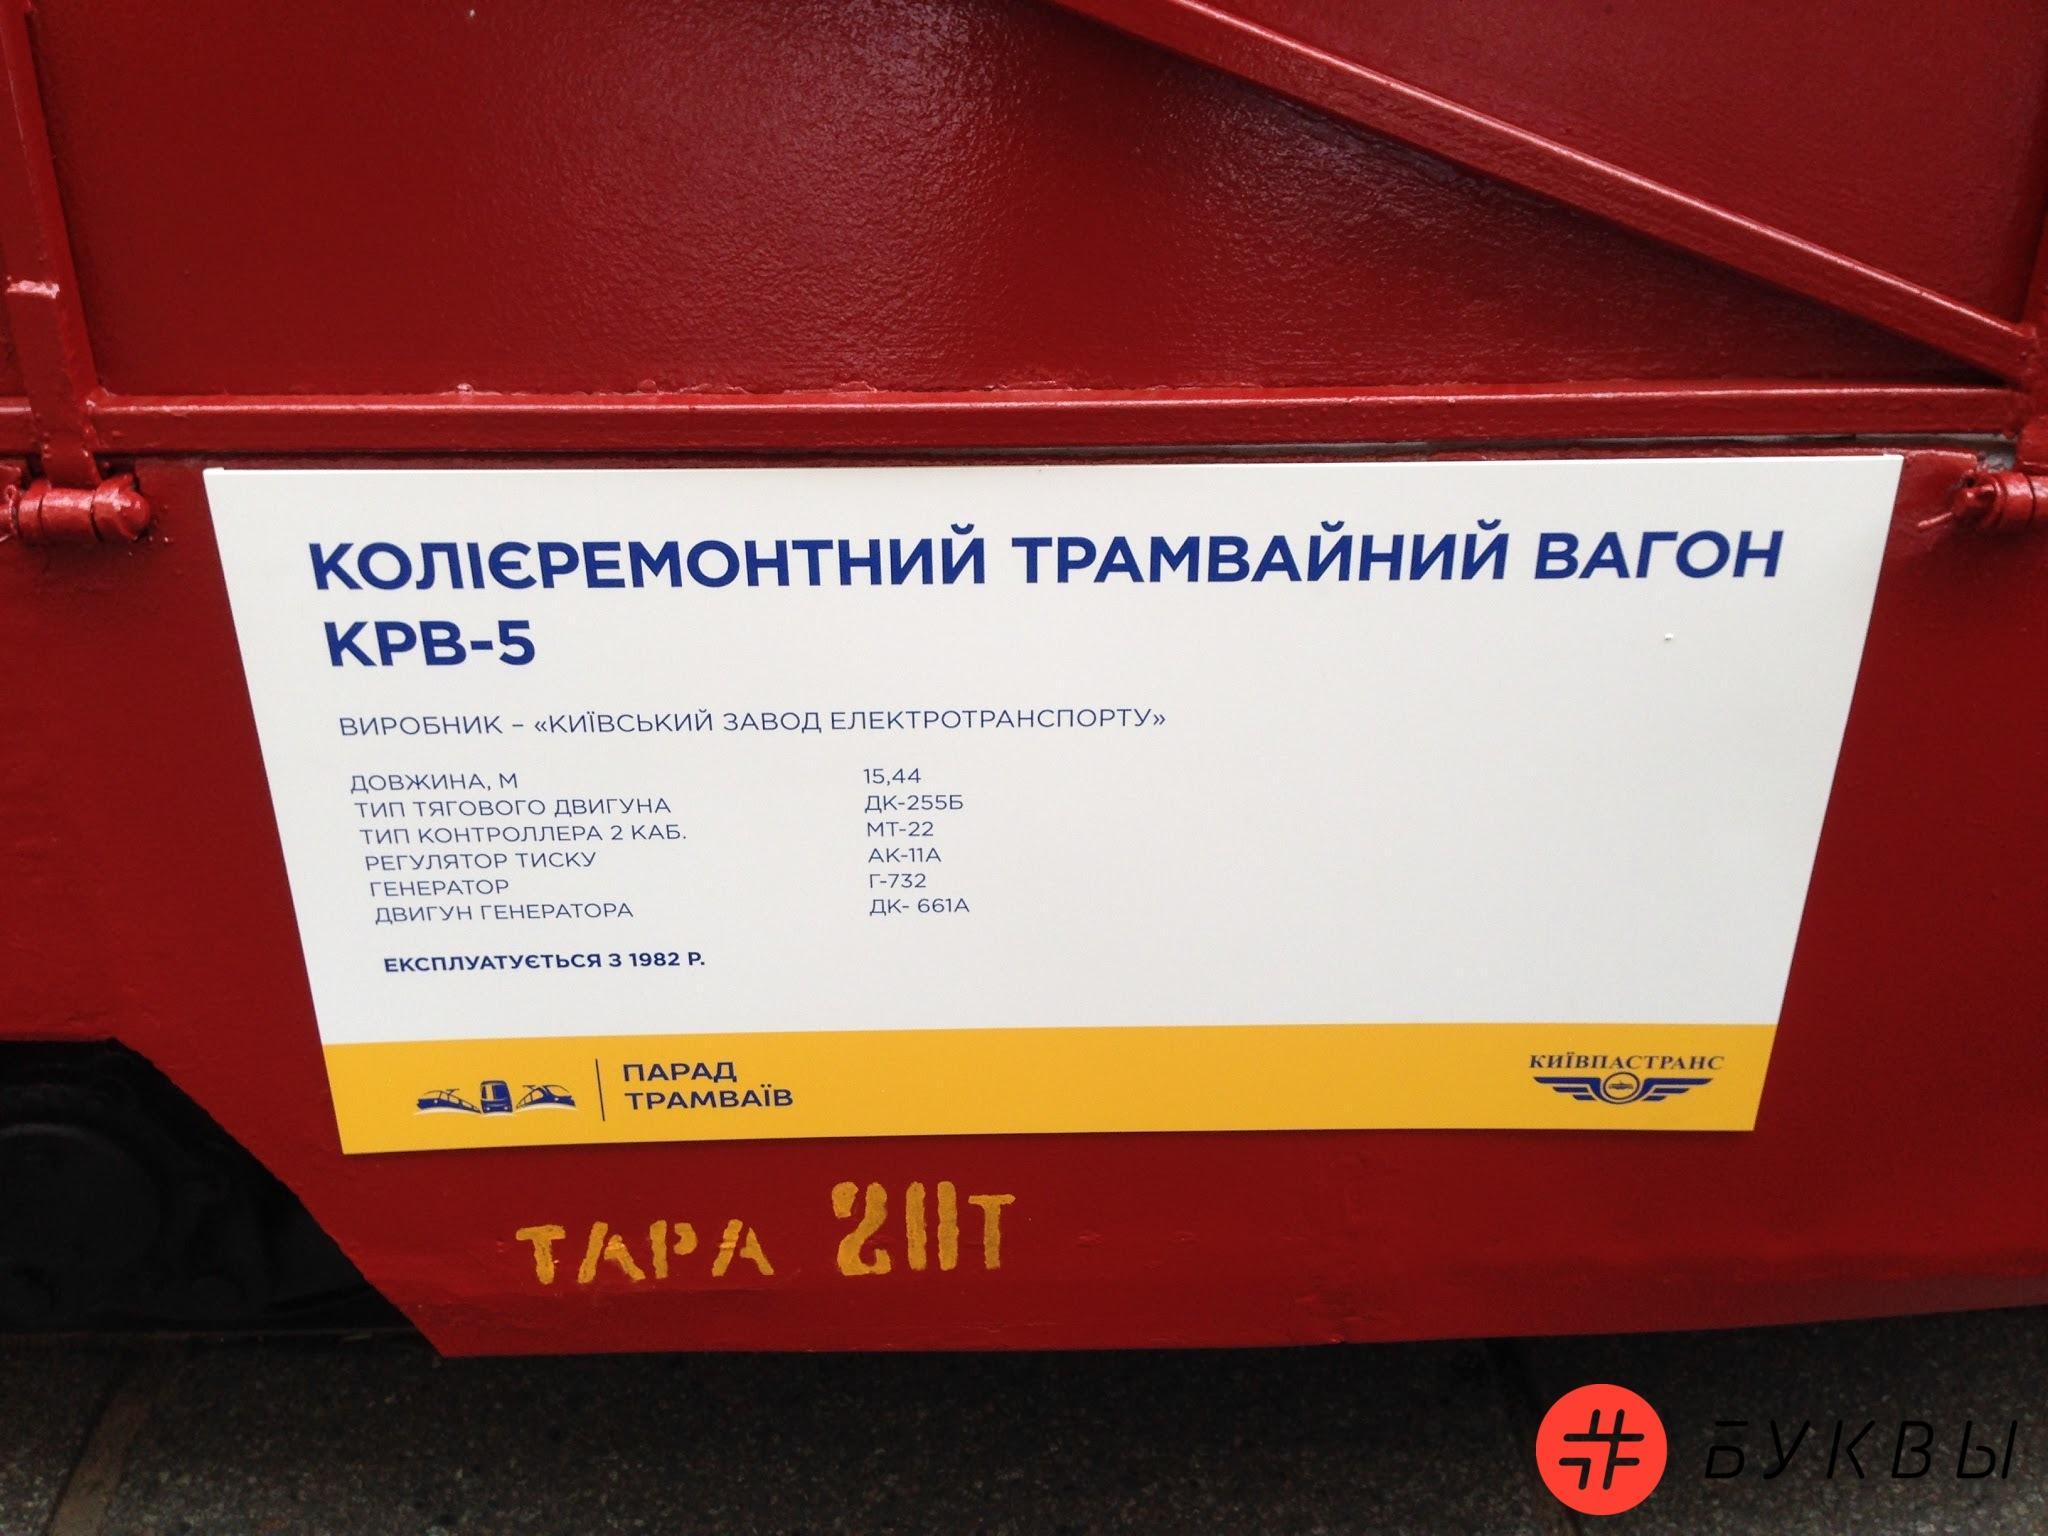 Парад трамваев_22